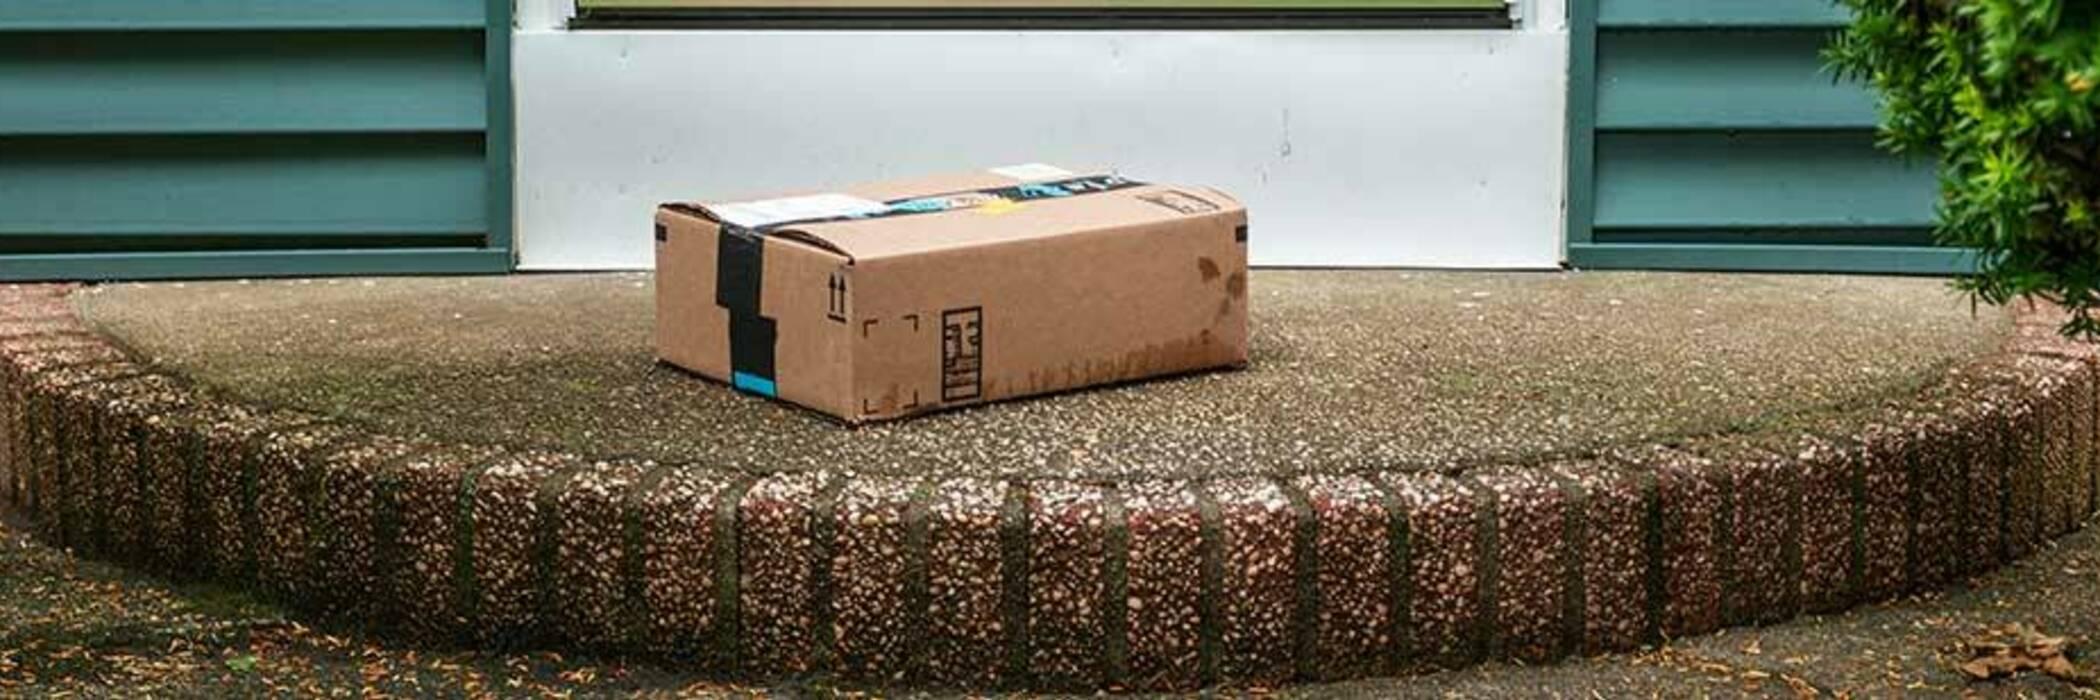 Parcel left on doorstep.